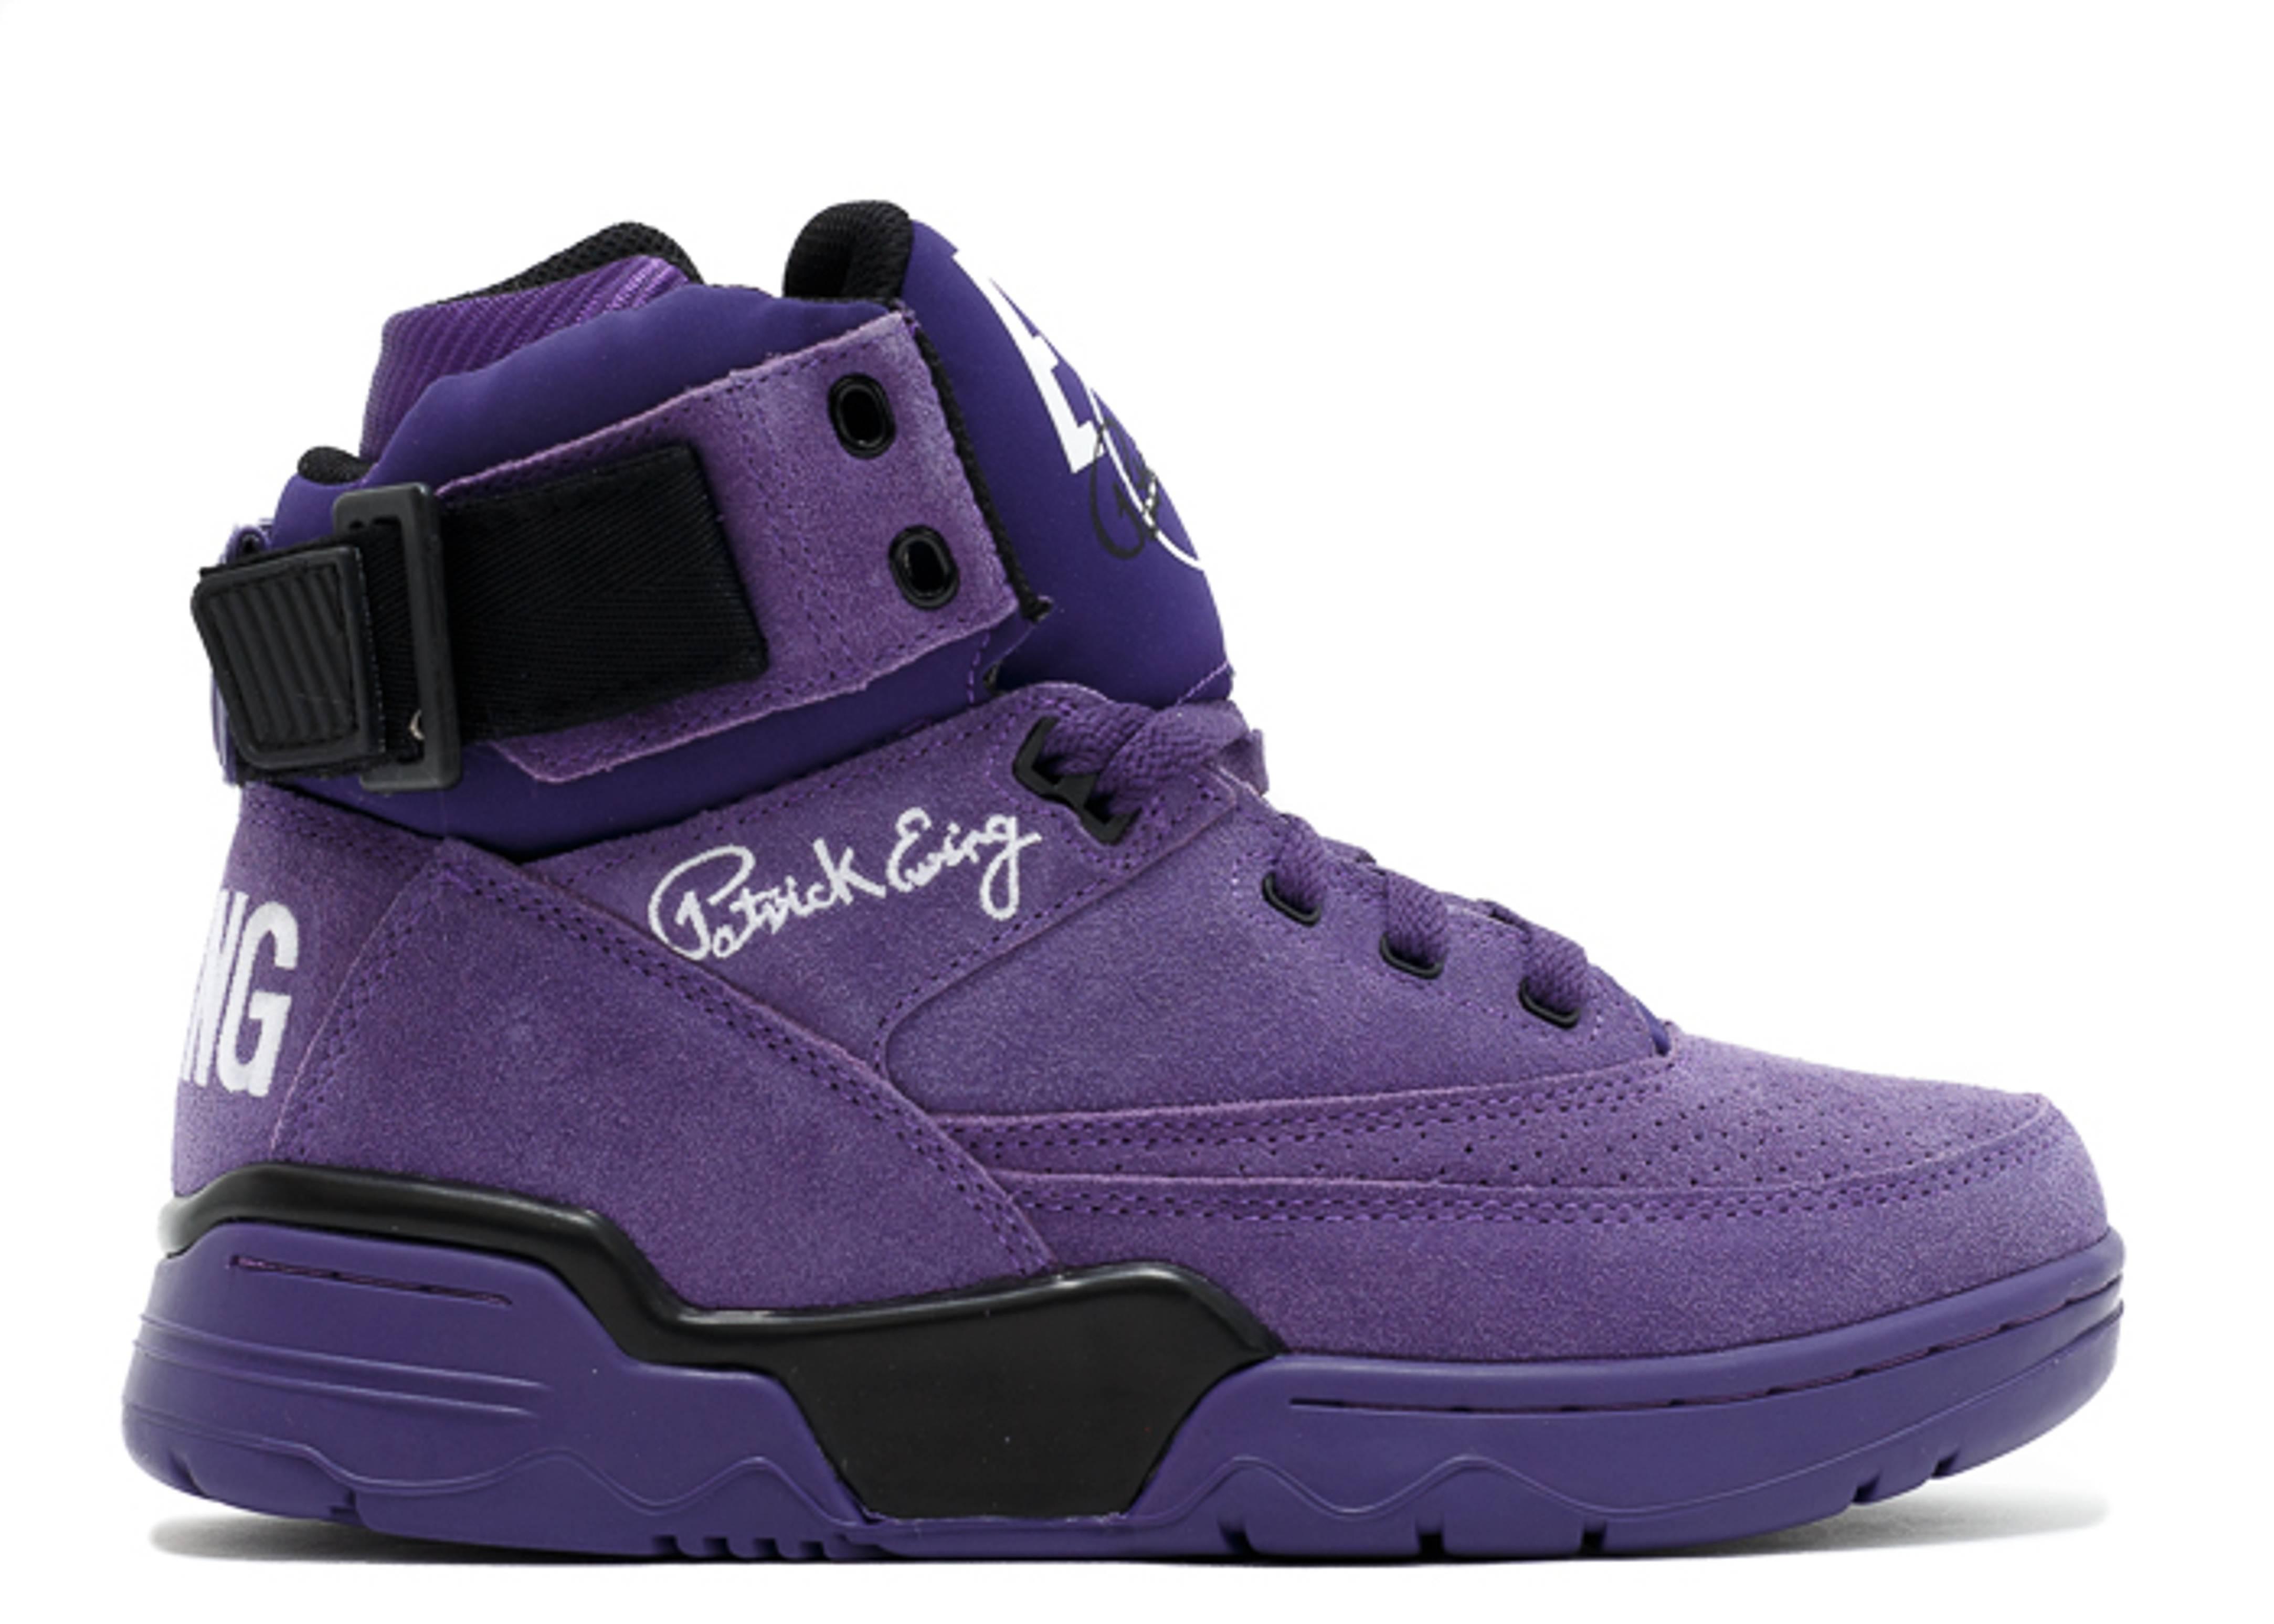 Patrick Ewing Shoes - Men s 33 Hi   More High Tops  abdd2f38abcd